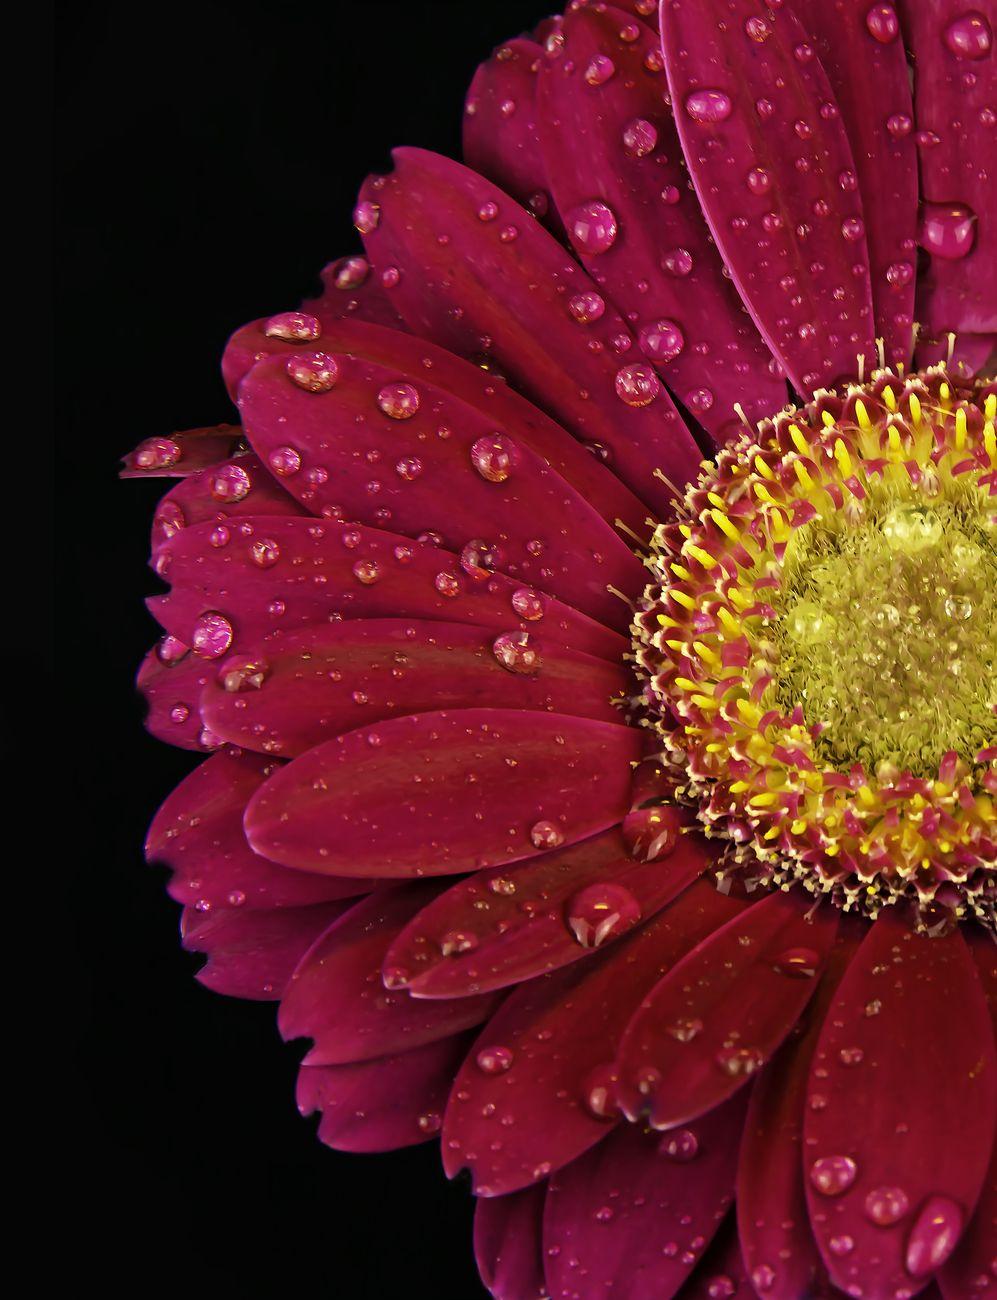 Gerbera close up with drops